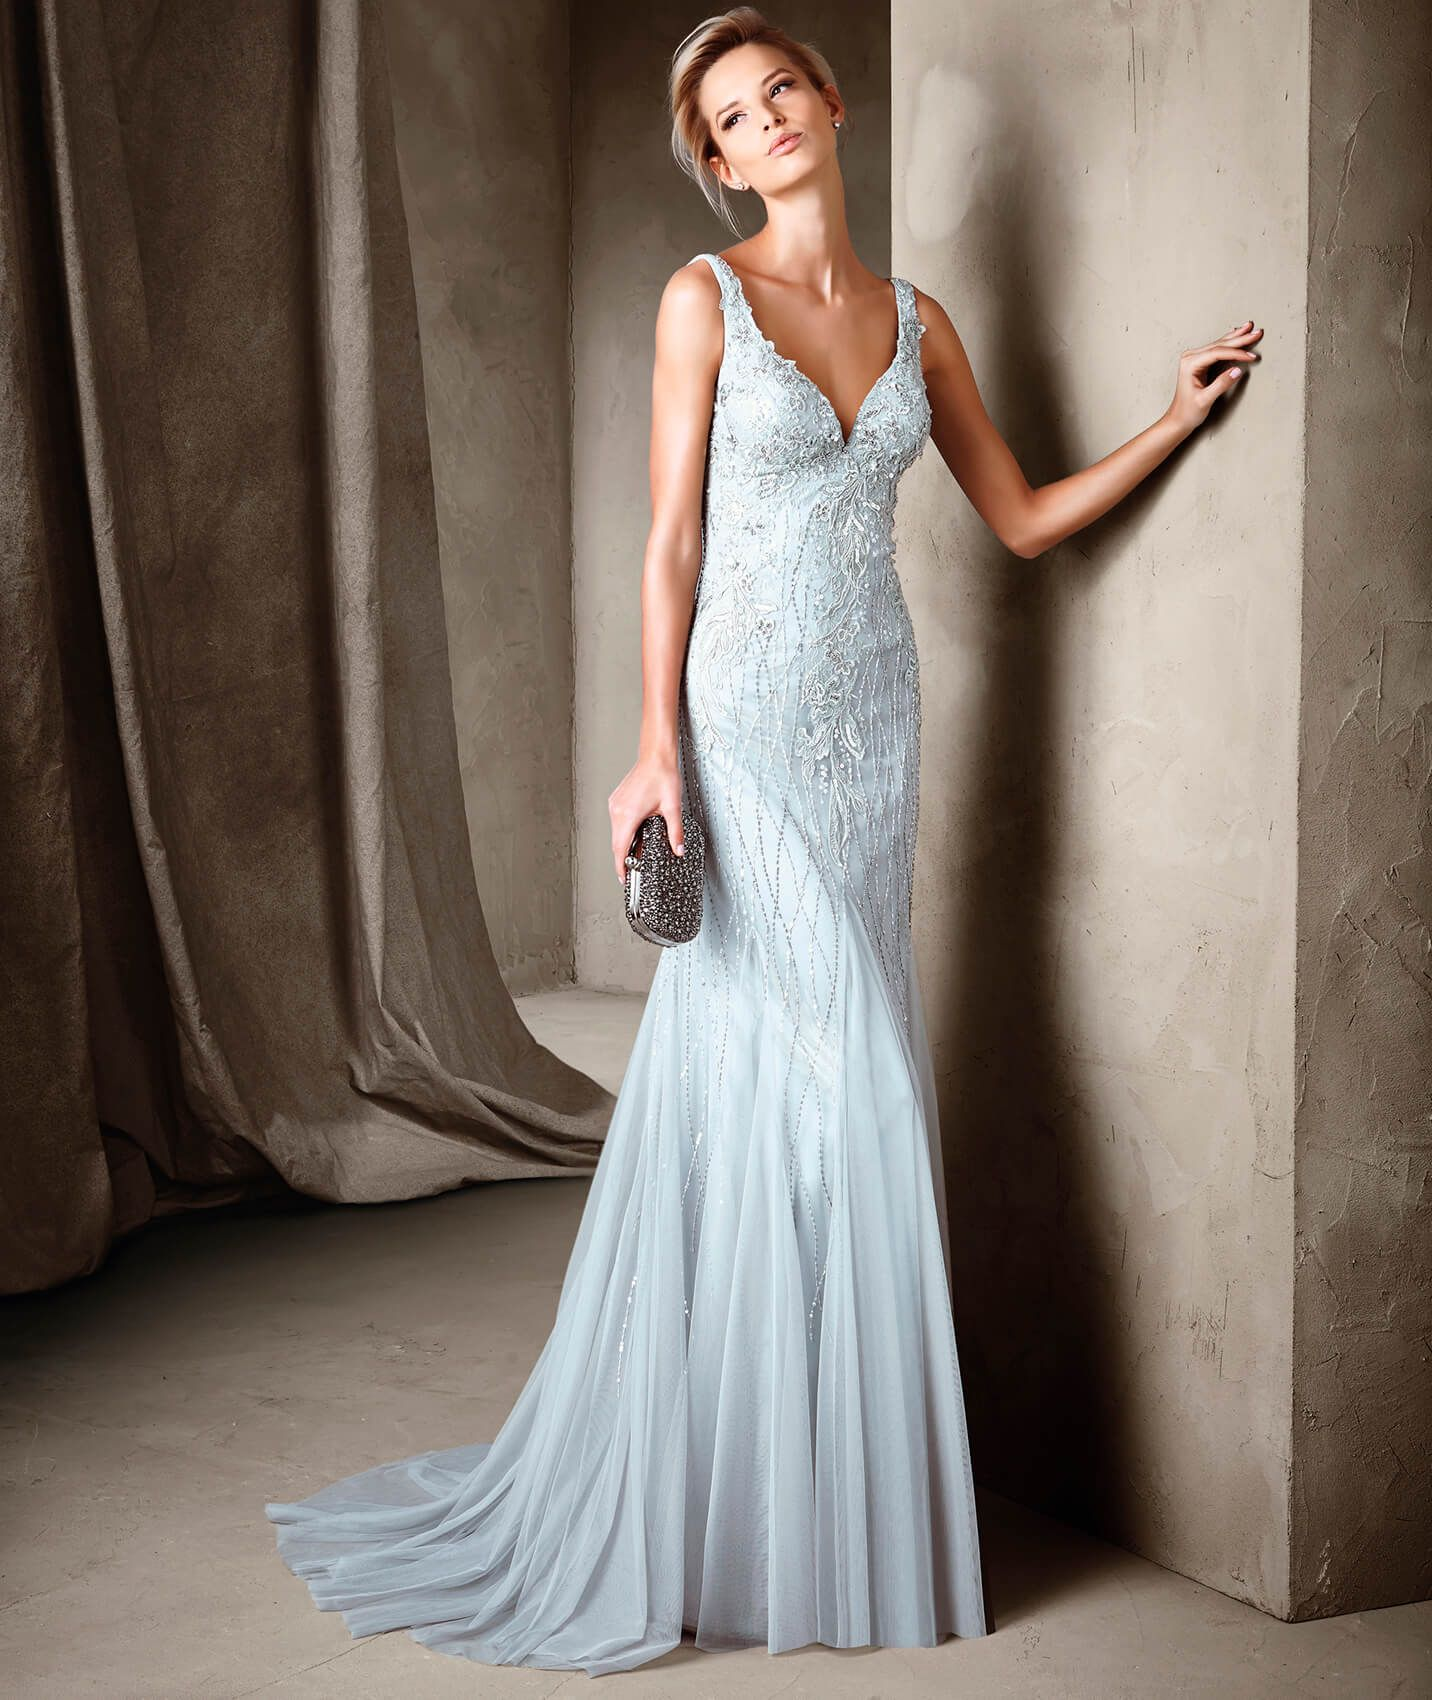 Espectaculares vestidos noche largos nuevos